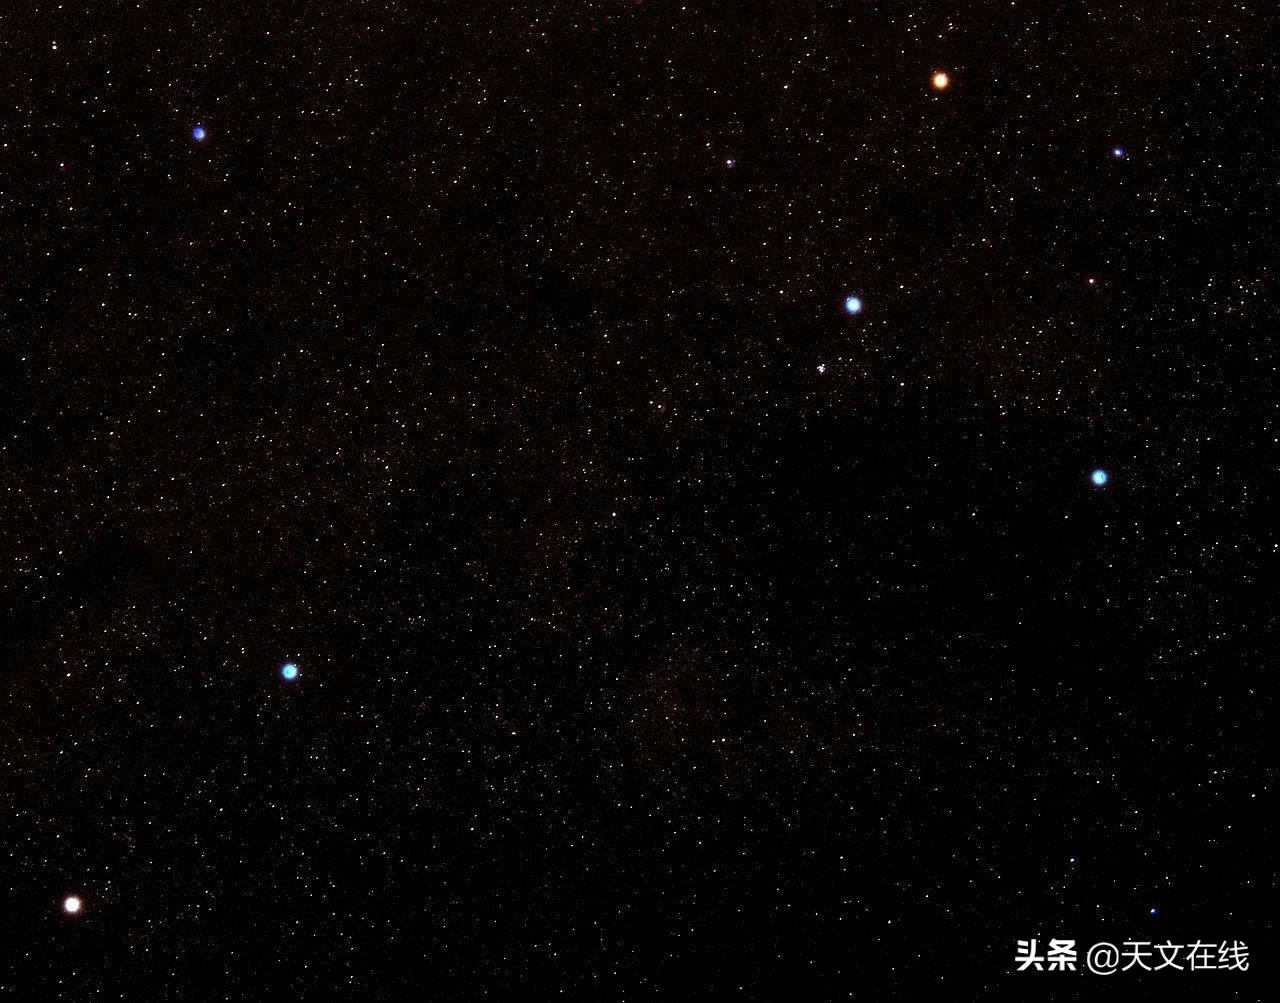 我现在怎样才能看见南十字星座呢?